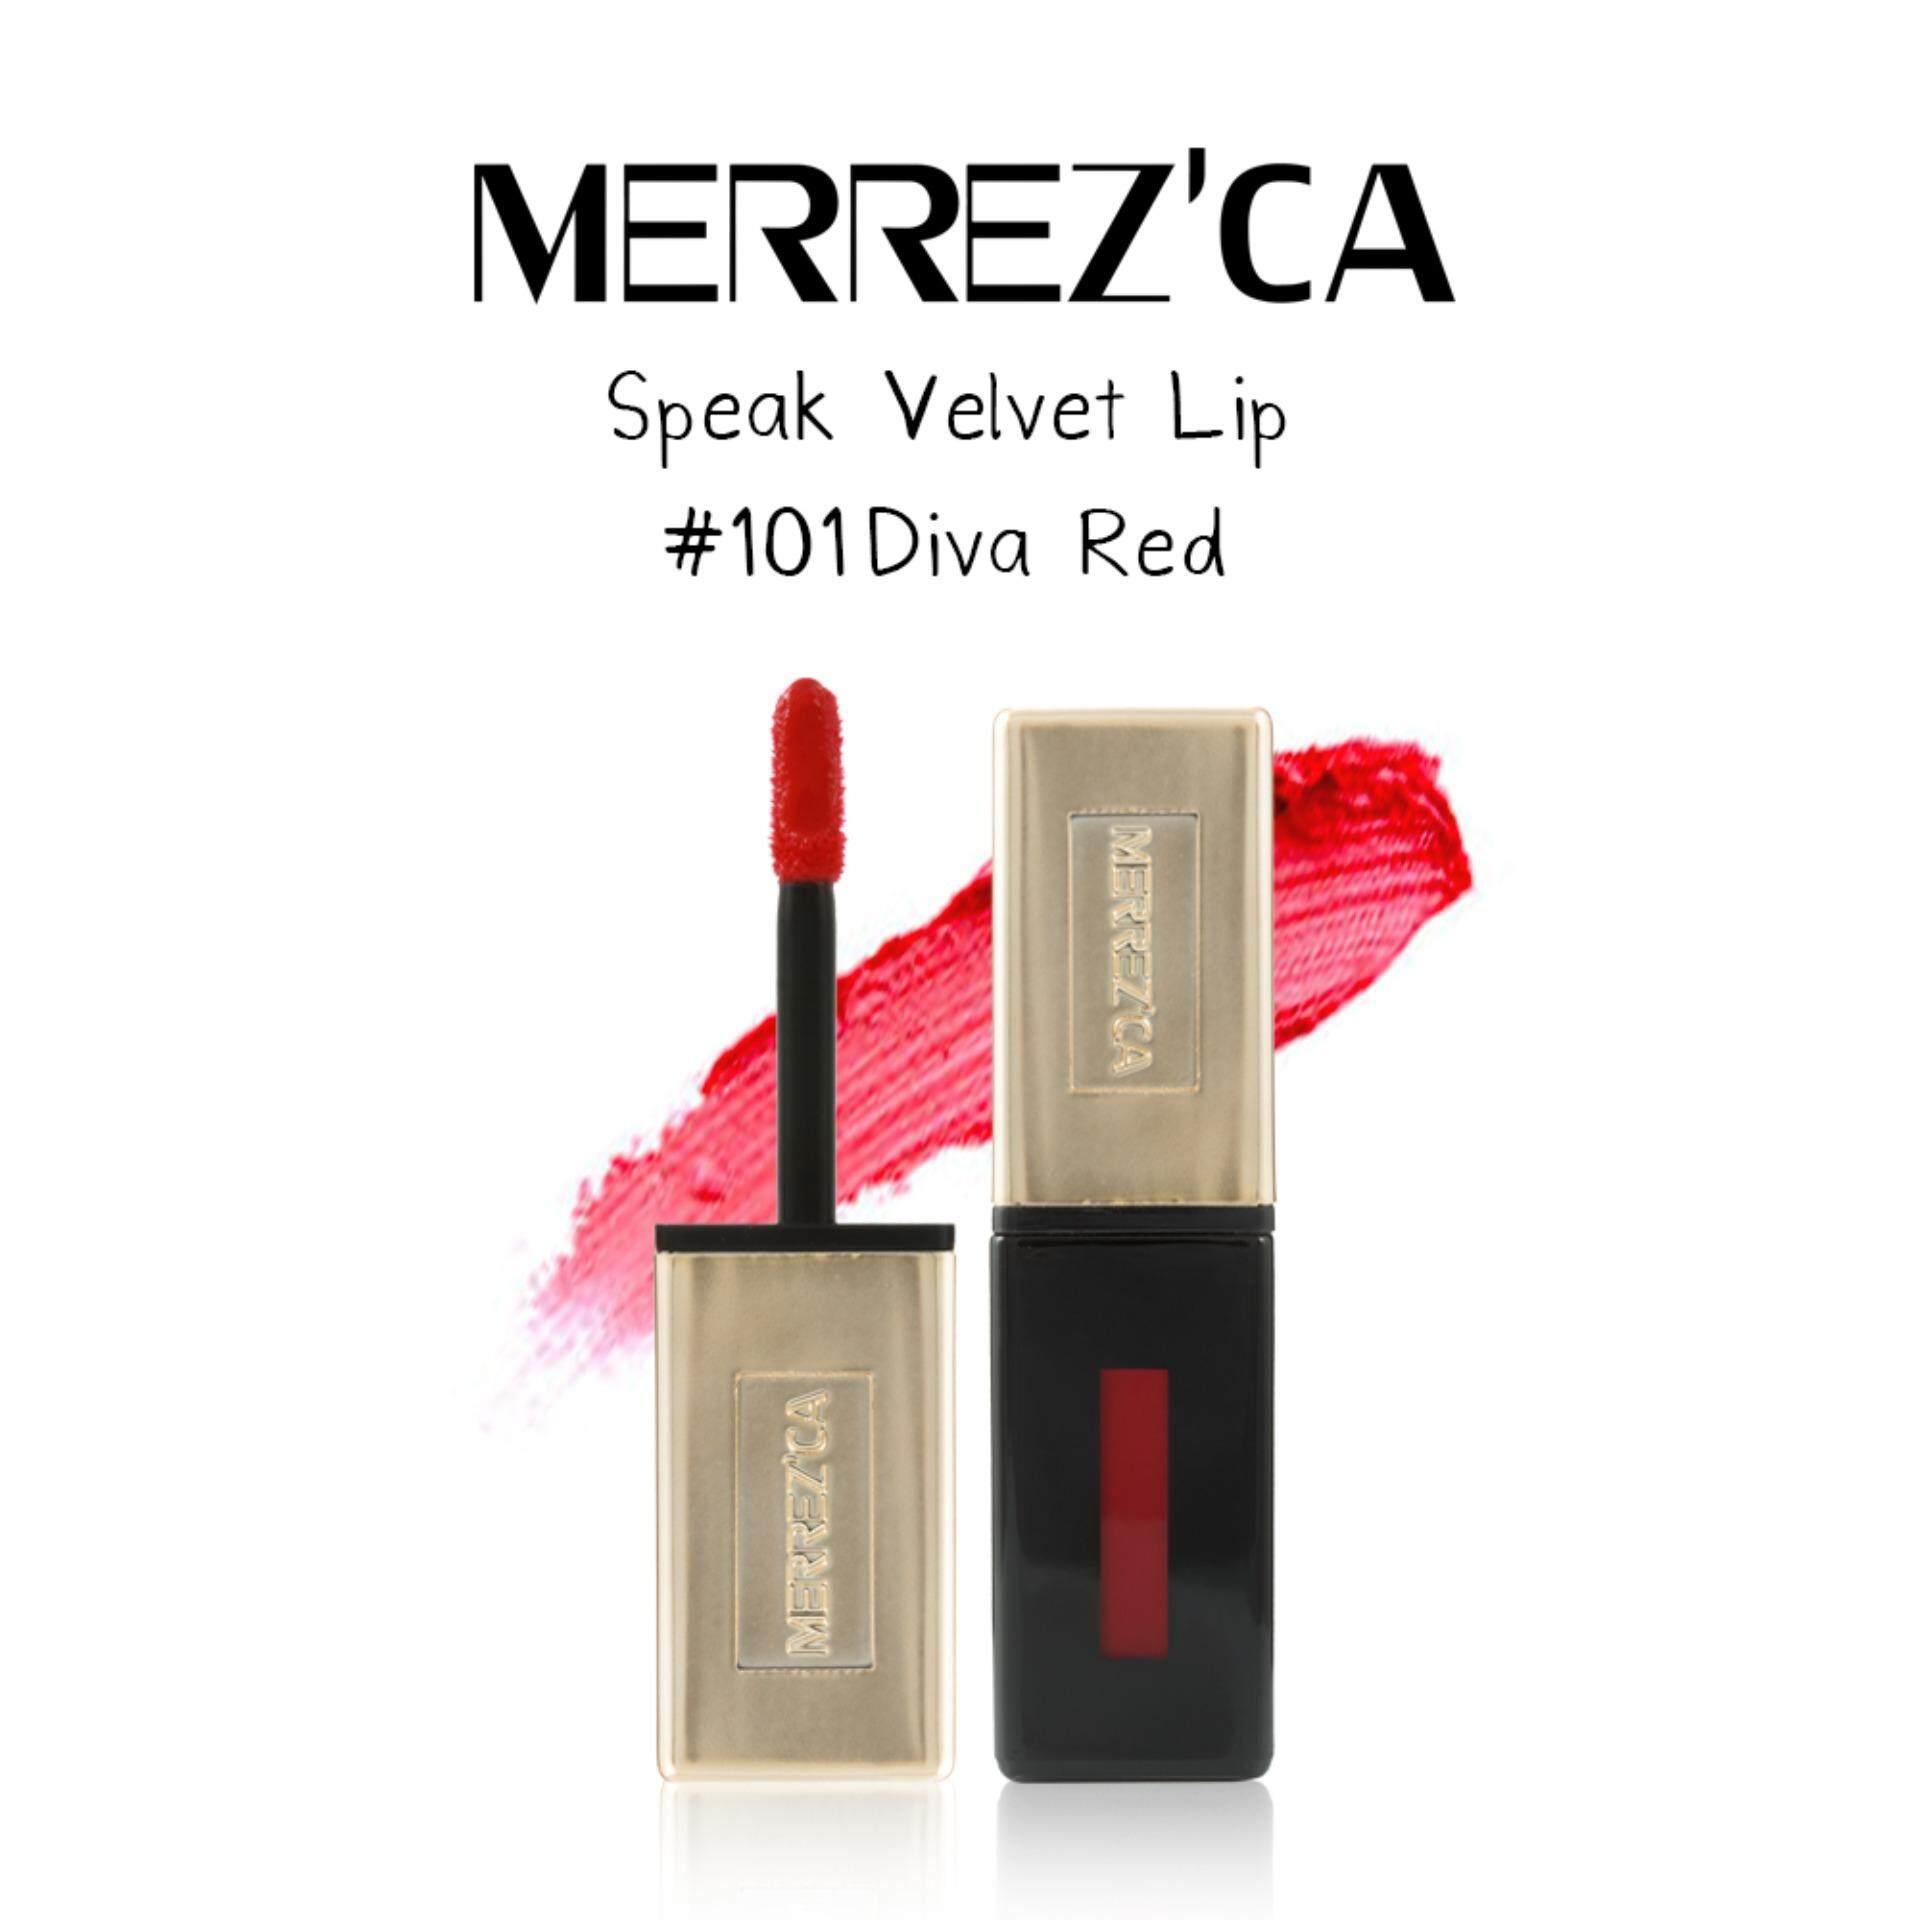 ราคา Merrezca Speak Velvet Lip 101 Diva Red ใหม่ ถูก